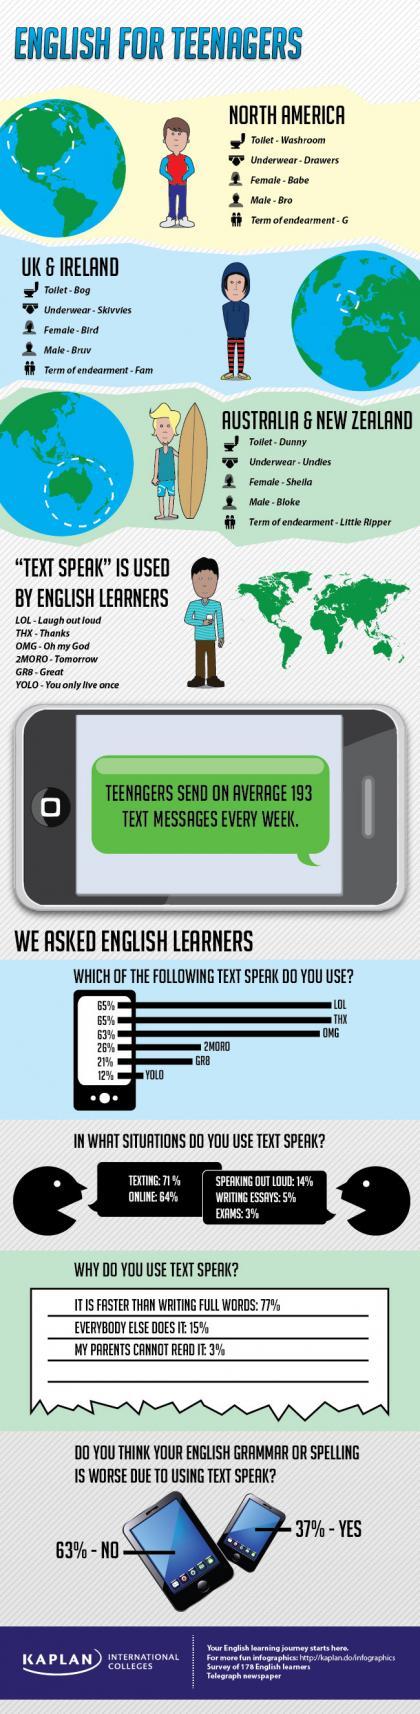 Englisch Lernen Im Fernsehen